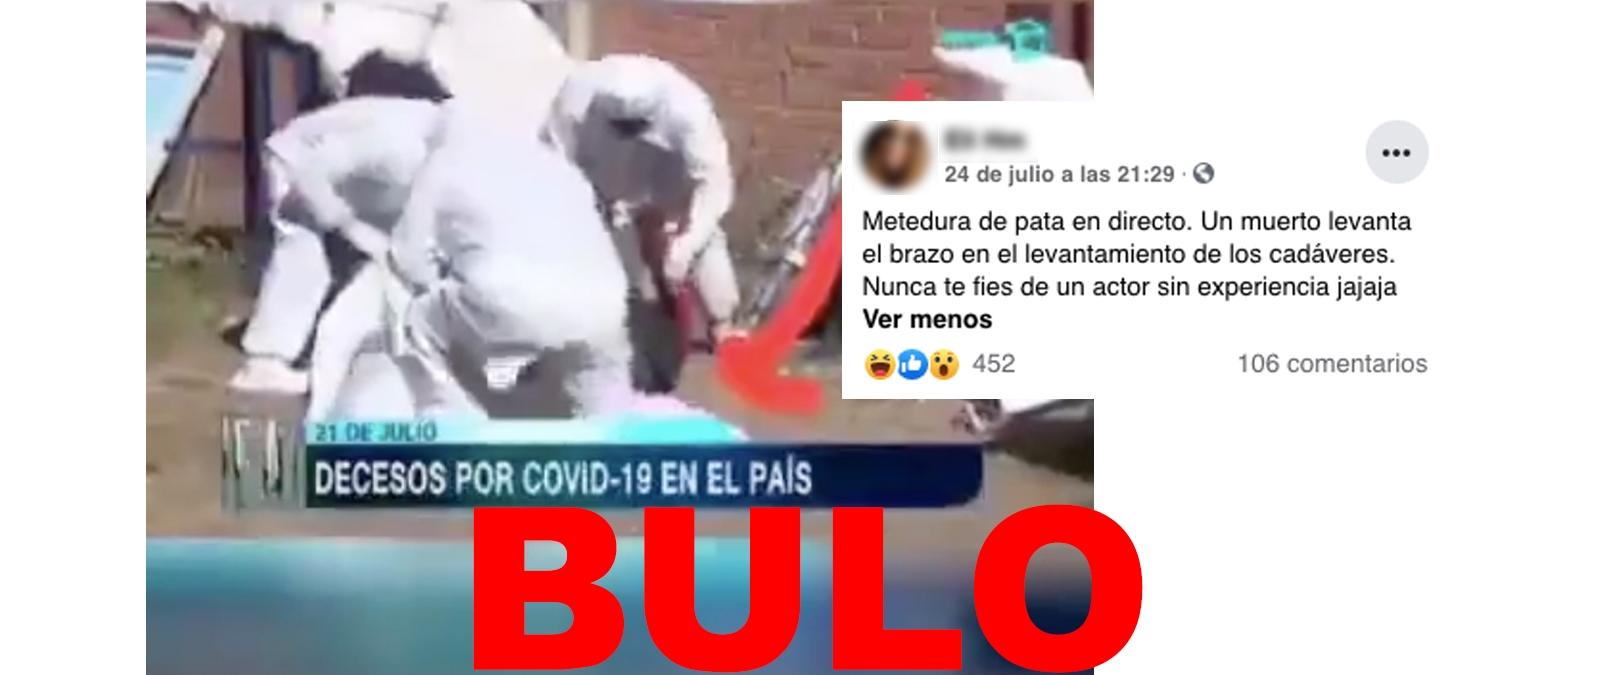 No, este vídeo no muestra a un muerto por COVID-19 levantando el brazo en Bolivia: lo que se ve en las imágenes es un simulacro